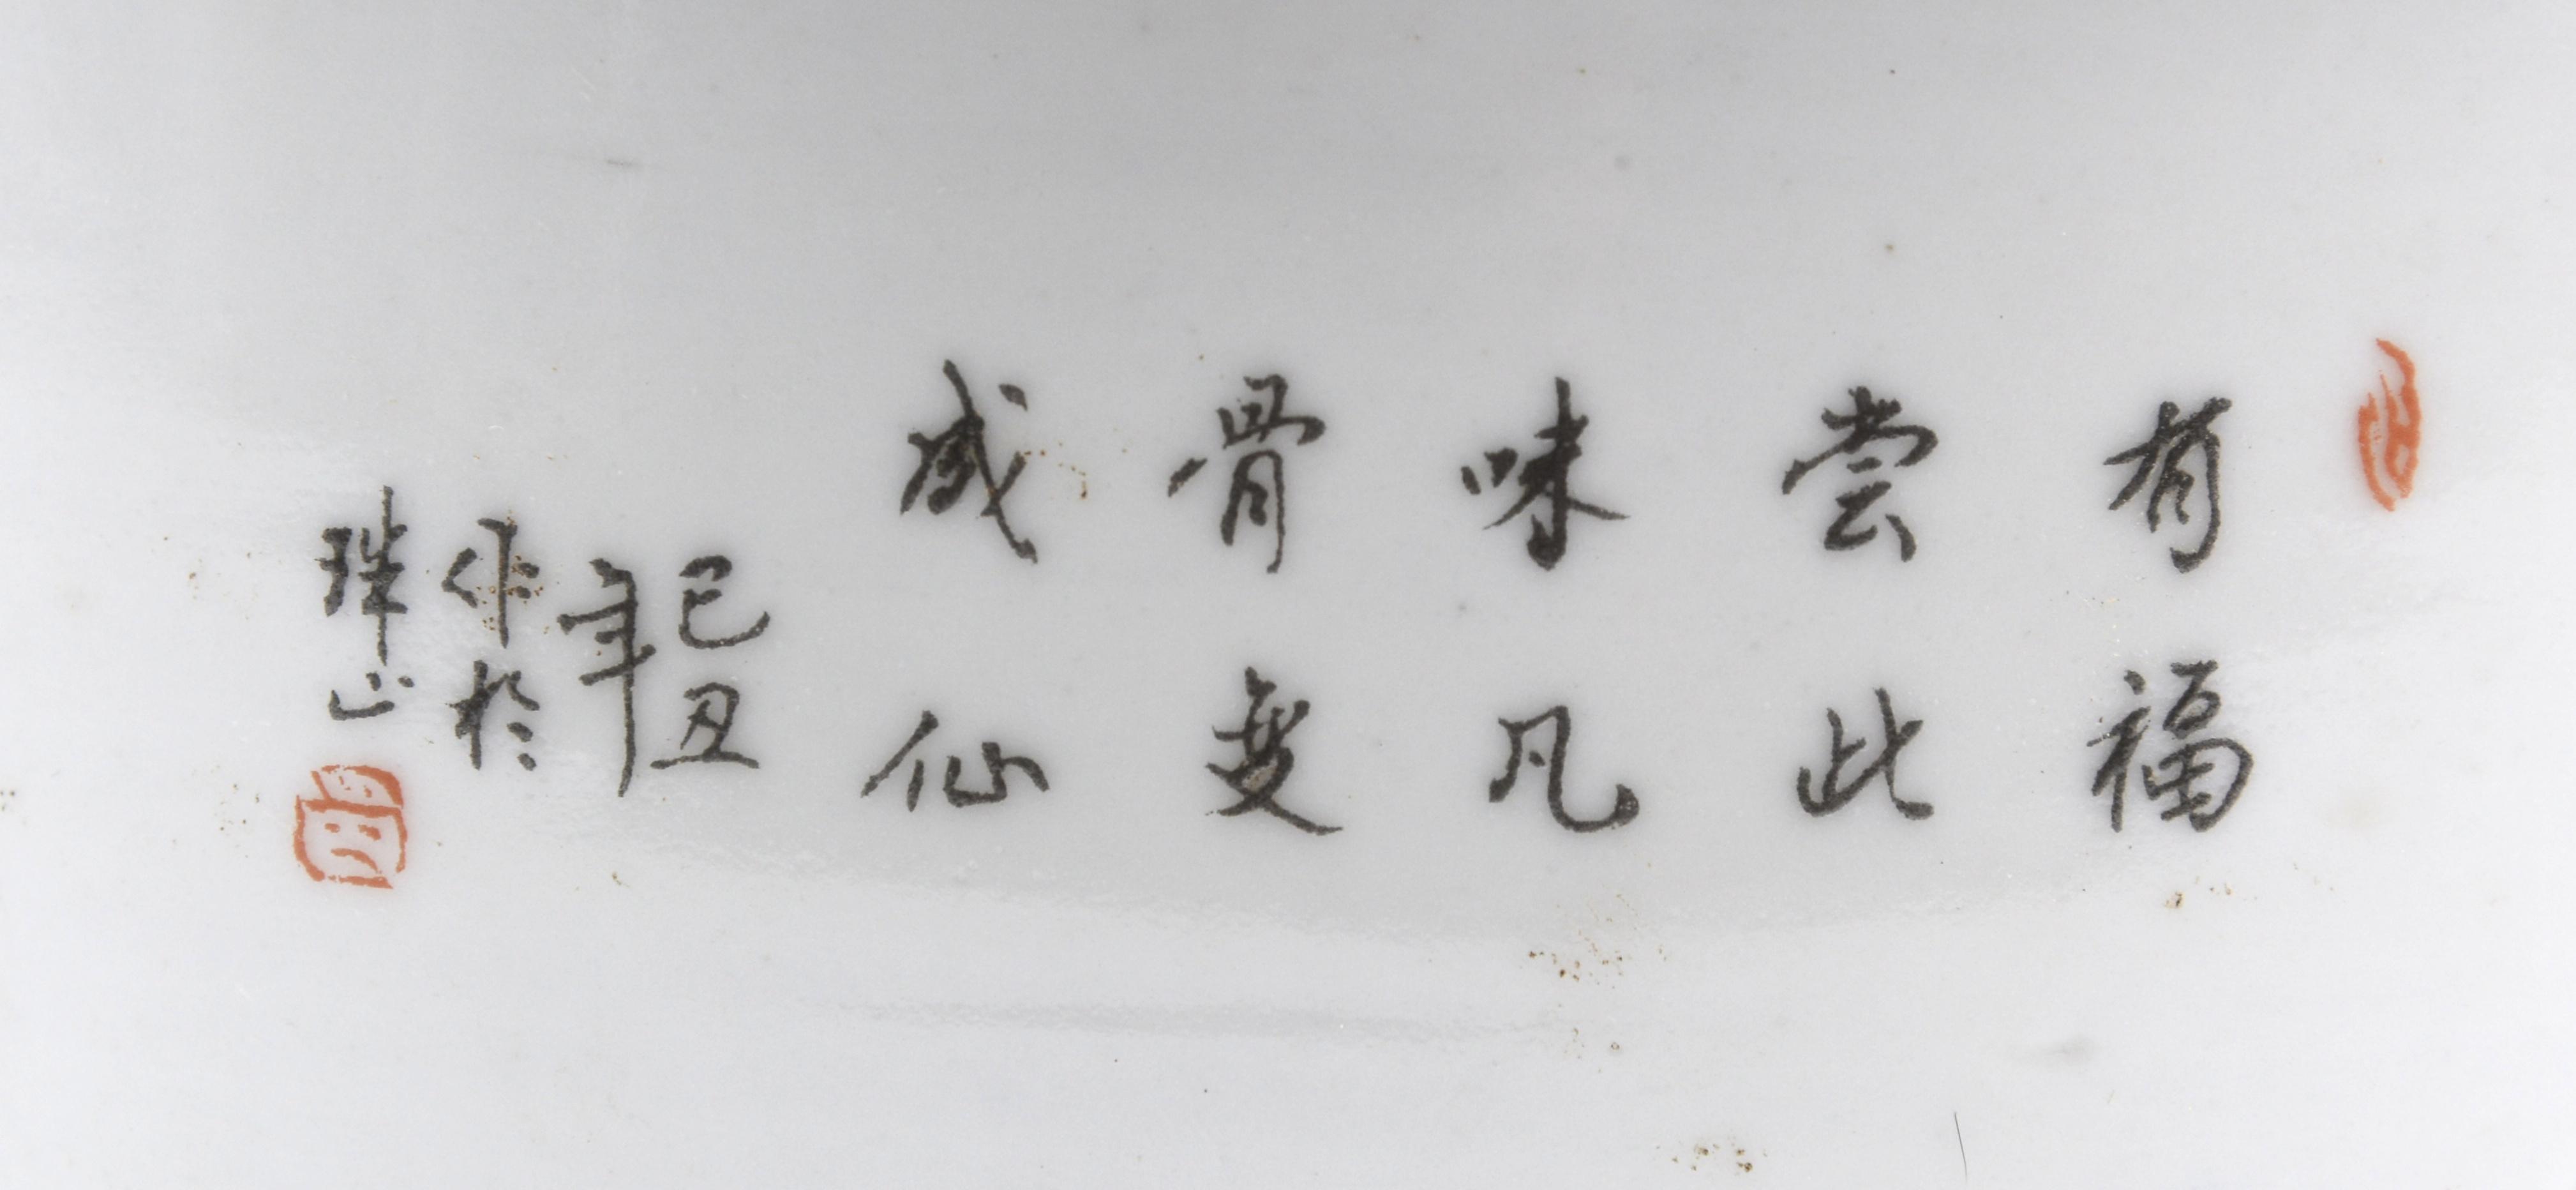 Chinees Porselein Merktekens Japans Porselein.Een Kleine Cachepot Van Chinees Porselein Met Een